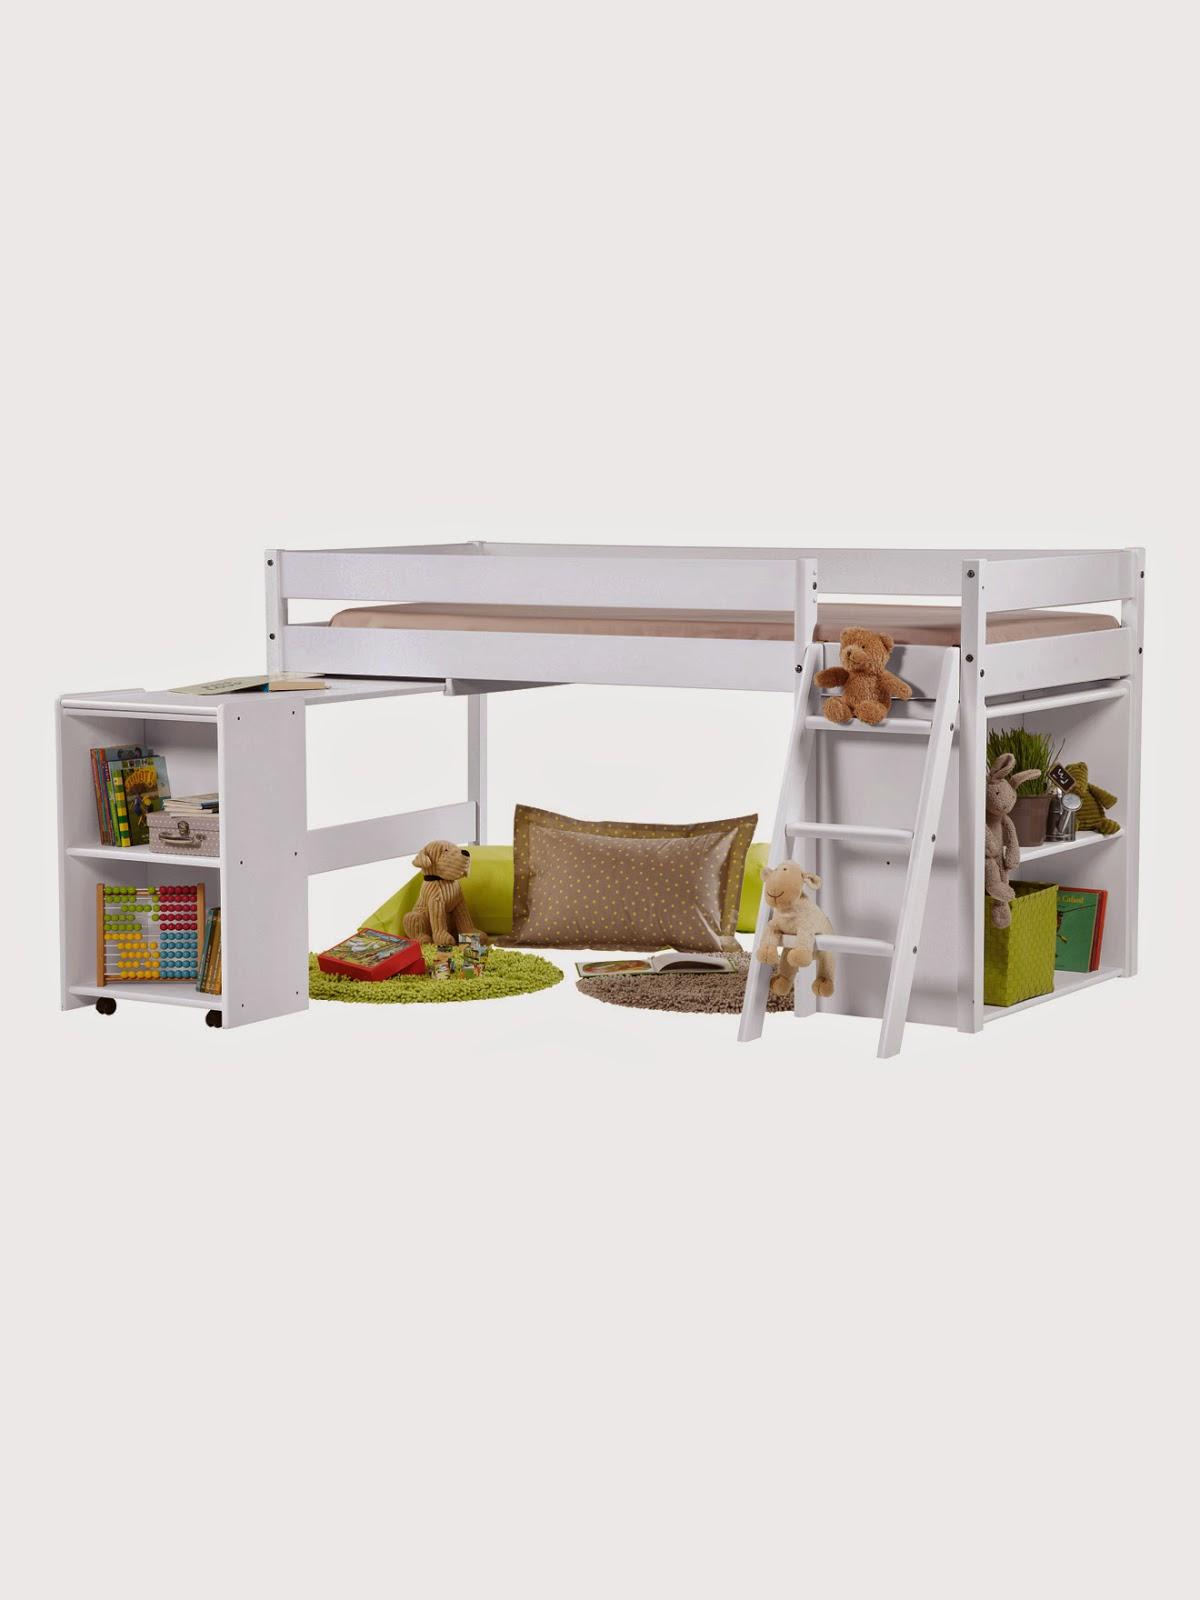 lit enfant mezzanine fly maison design. Black Bedroom Furniture Sets. Home Design Ideas